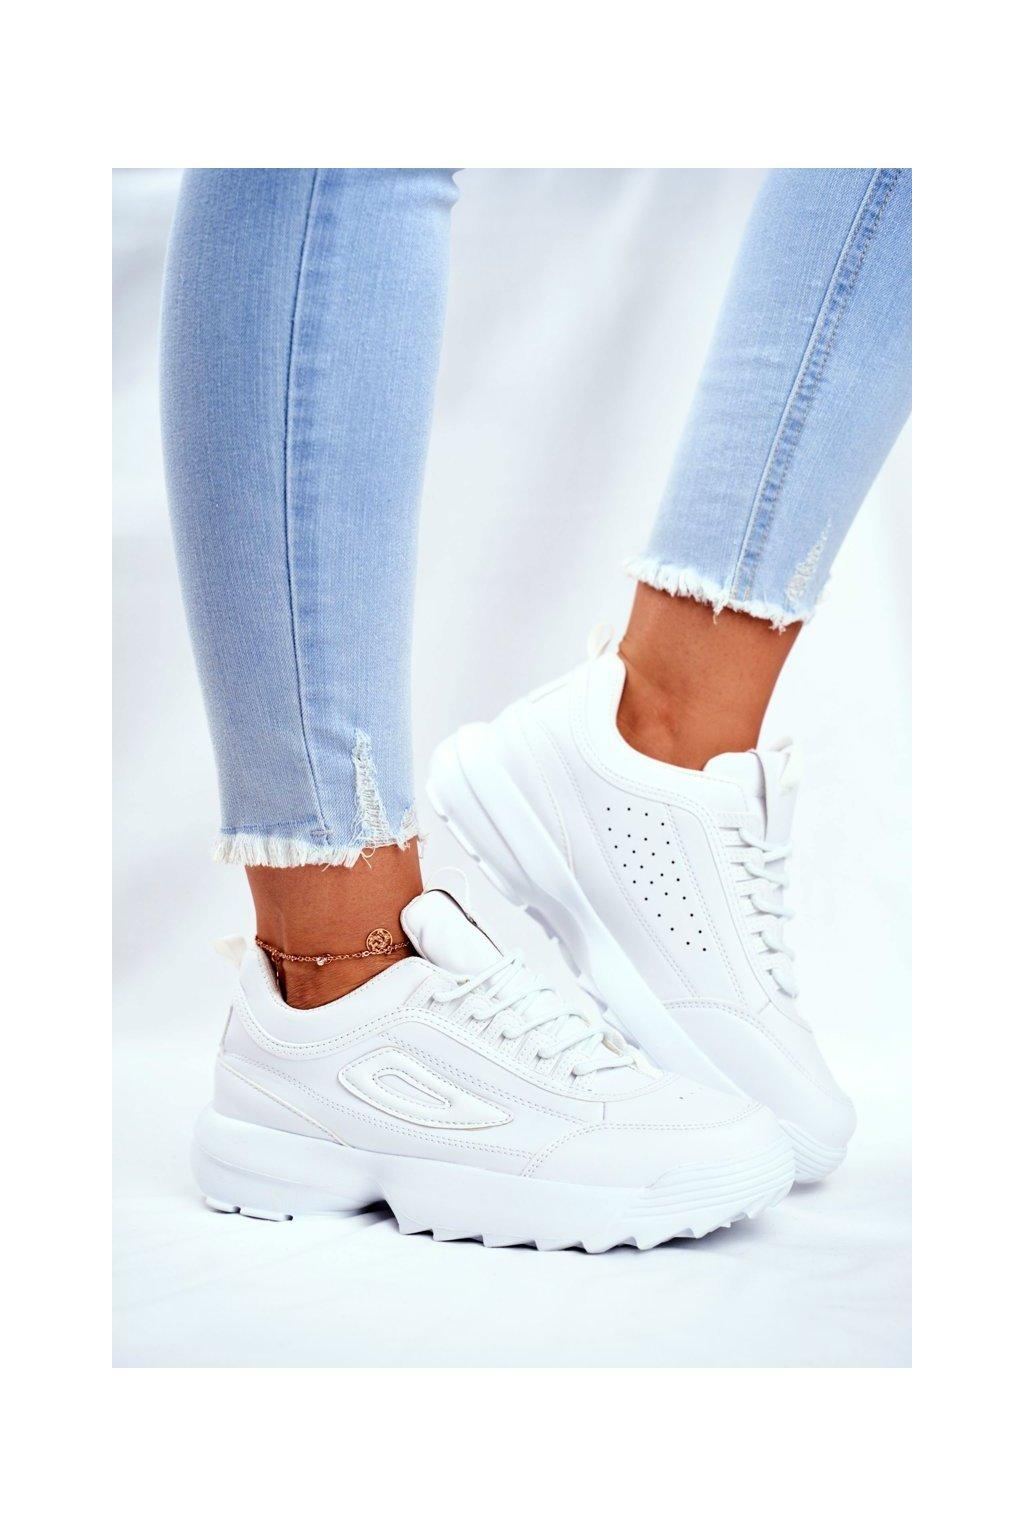 Biela obuv kód topánok NJSK 3069 WHITE